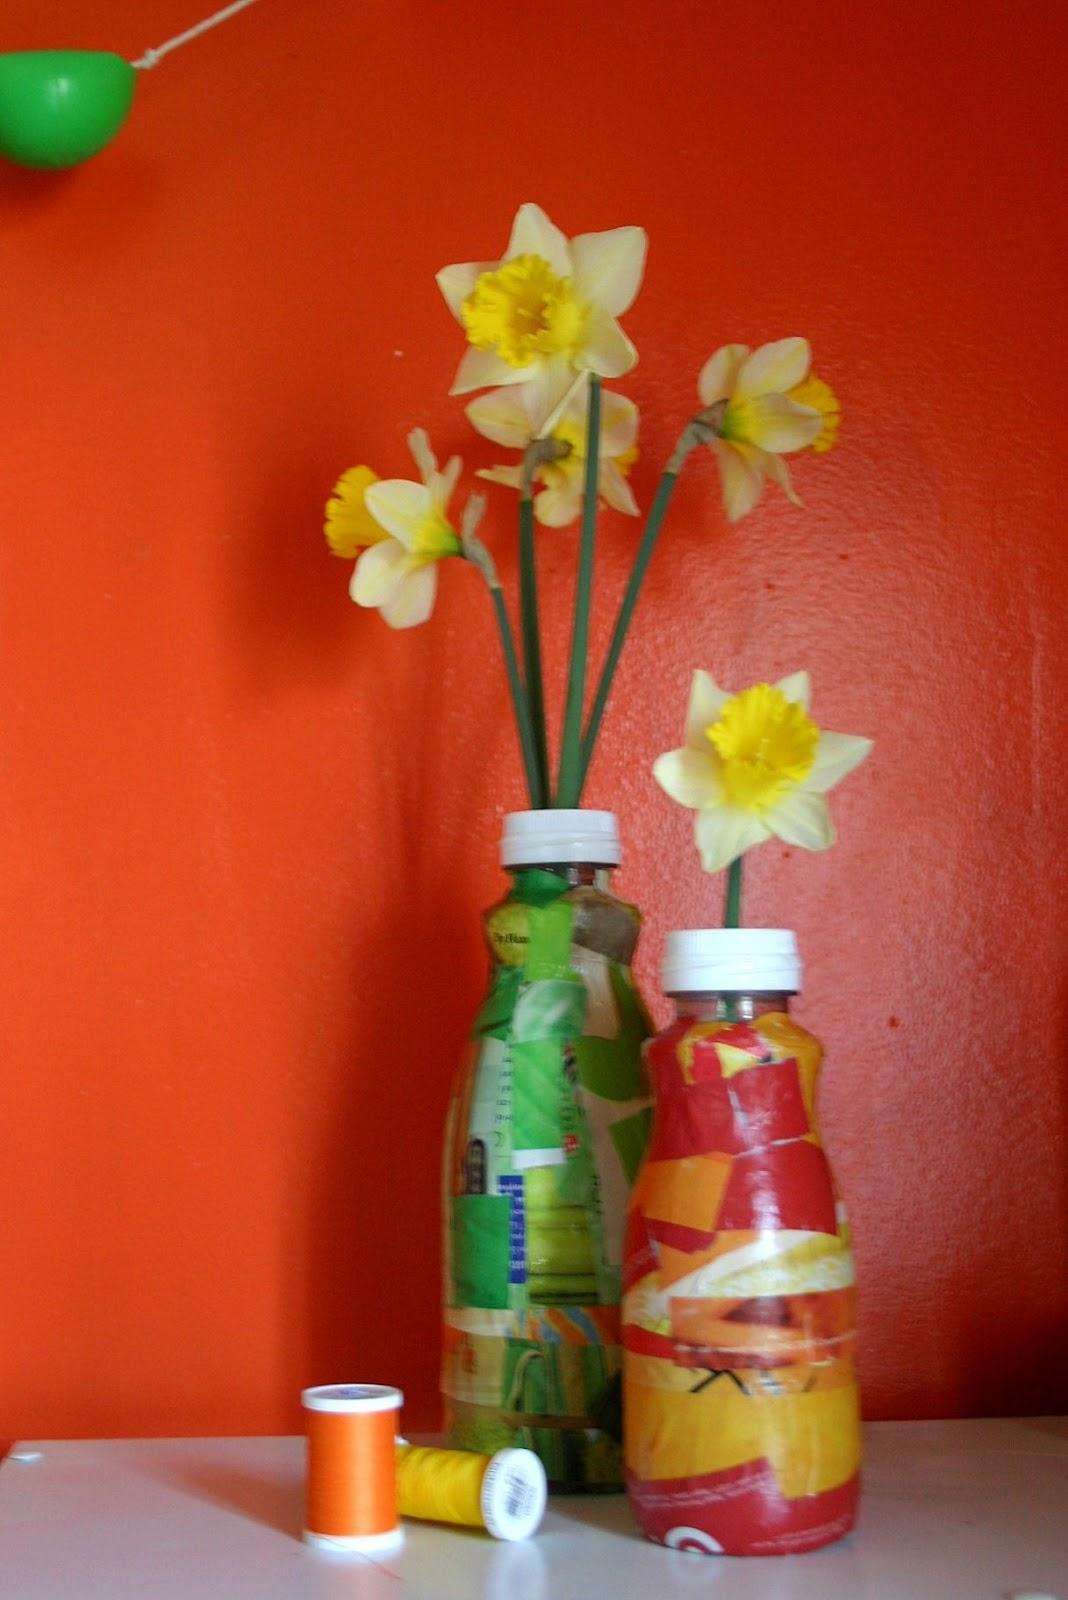 Plastic Bottle Flower Vase   Gardening: Flower and Vegetables on animals made of plastic bottles, wall art made of plastic bottles, lamp made of plastic bottles, baskets made of plastic bottles,